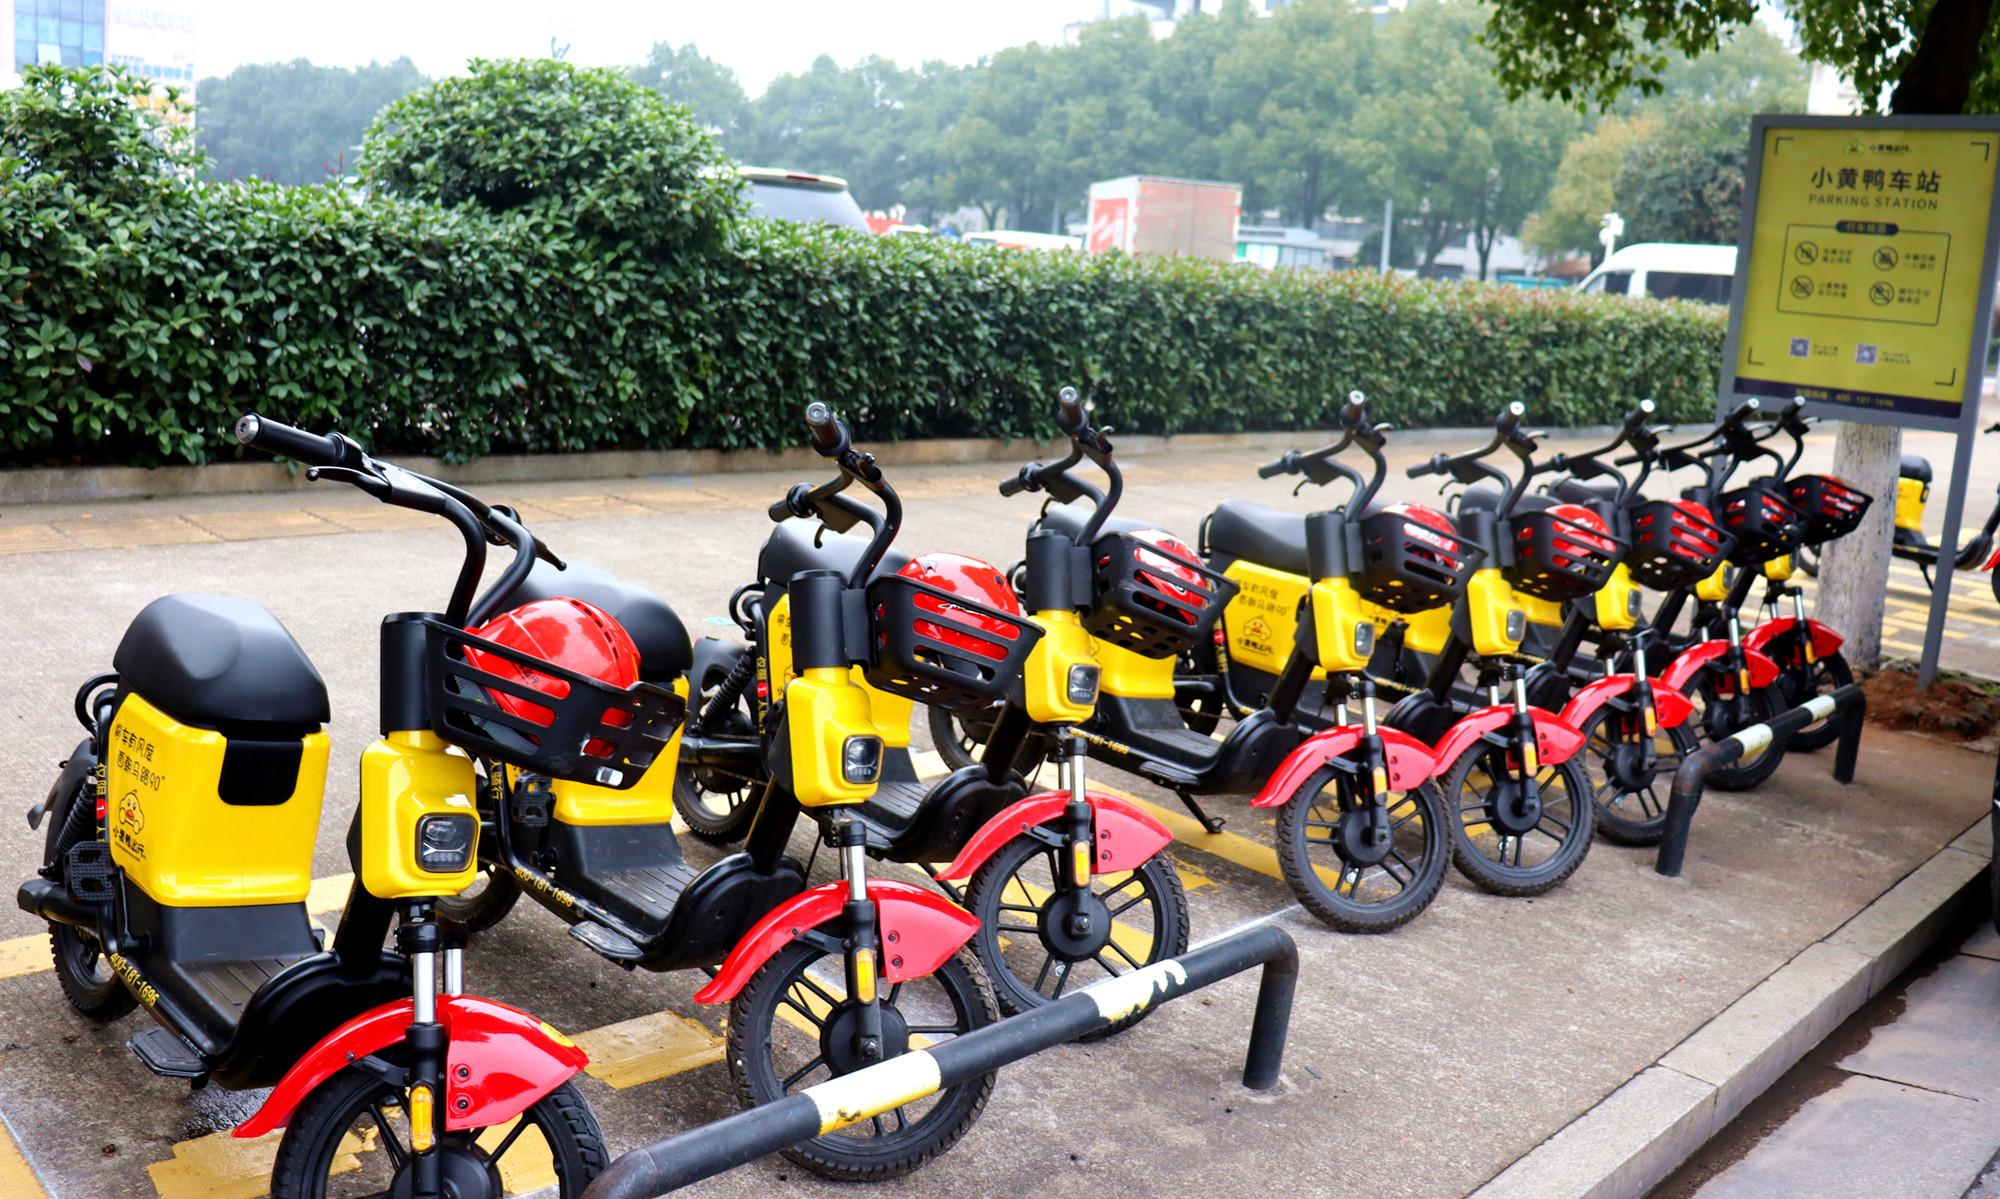 小黄鸭出行共享电单车